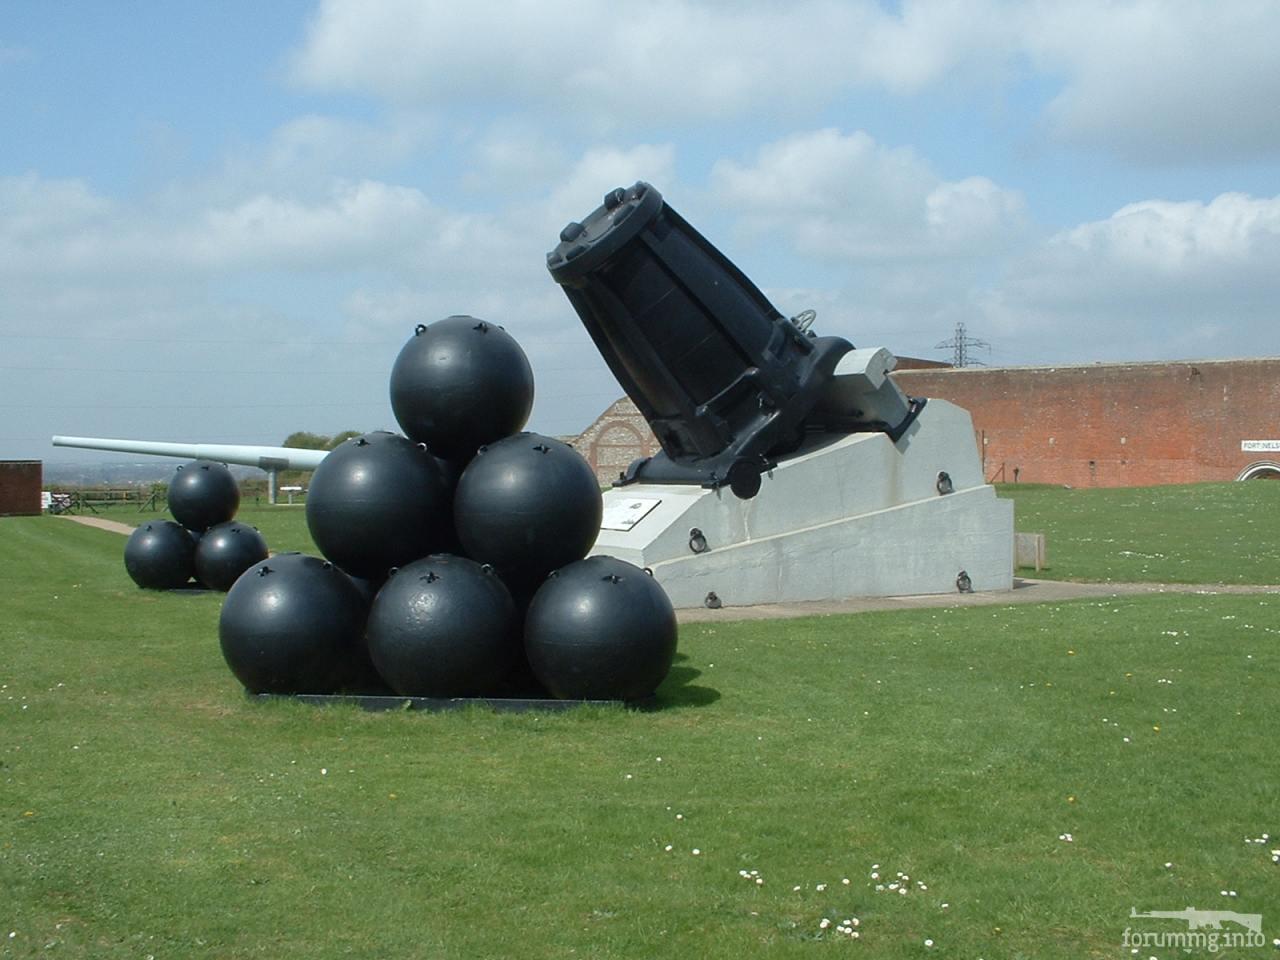 124834 - Корабельные пушки-монстры в музеях и во дворах...